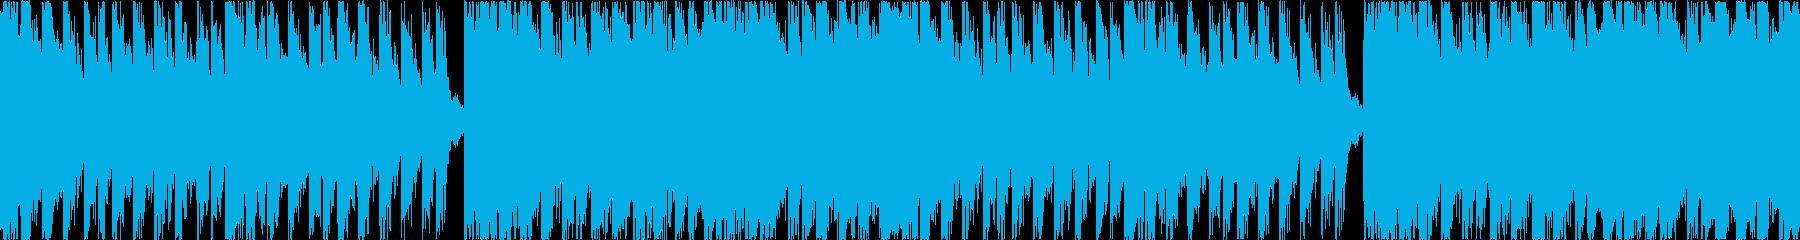 ゼルダ風戦闘曲の再生済みの波形